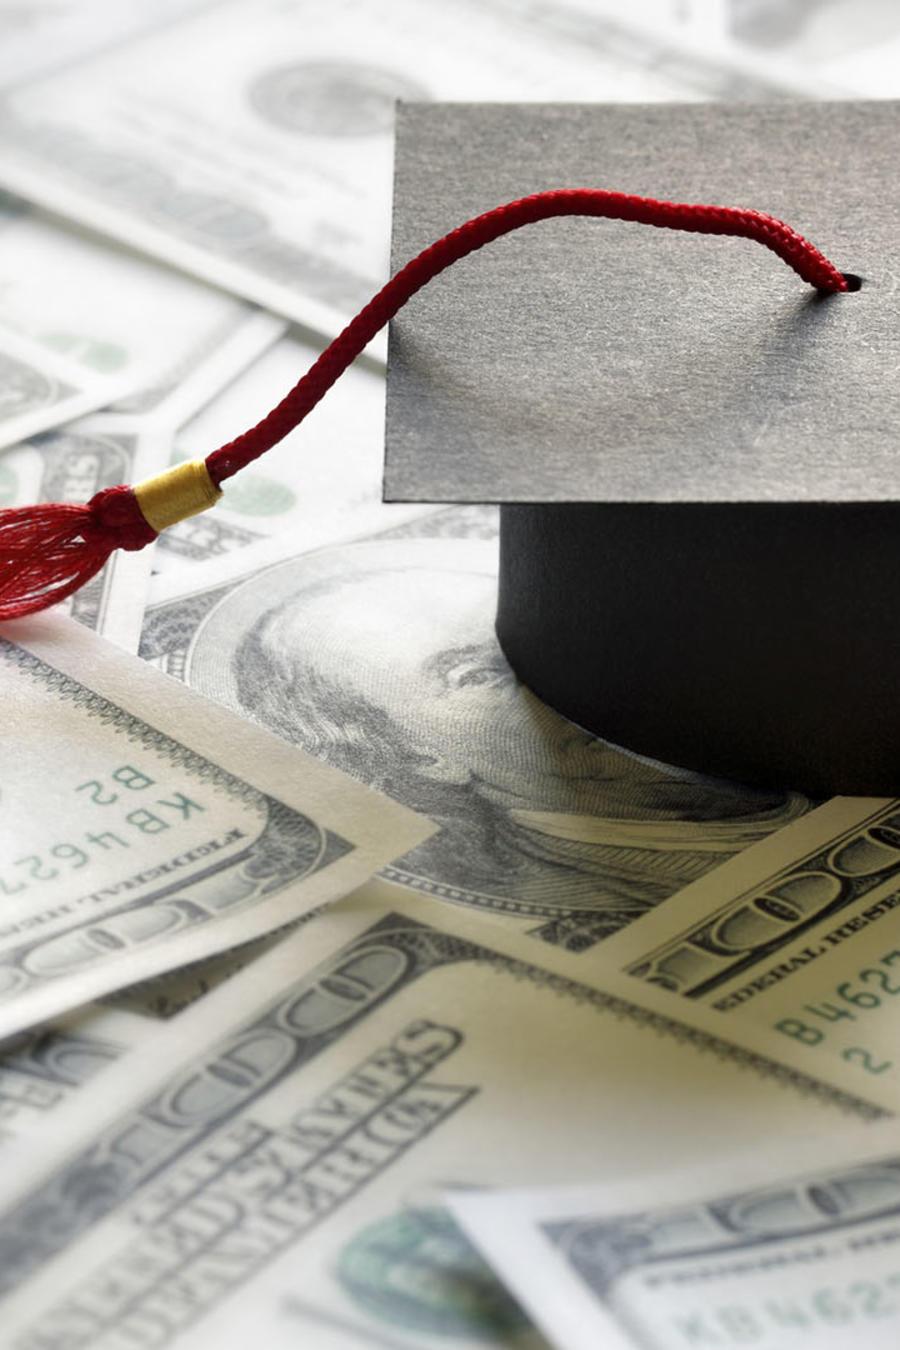 Sombrero de graduado sobre dinero